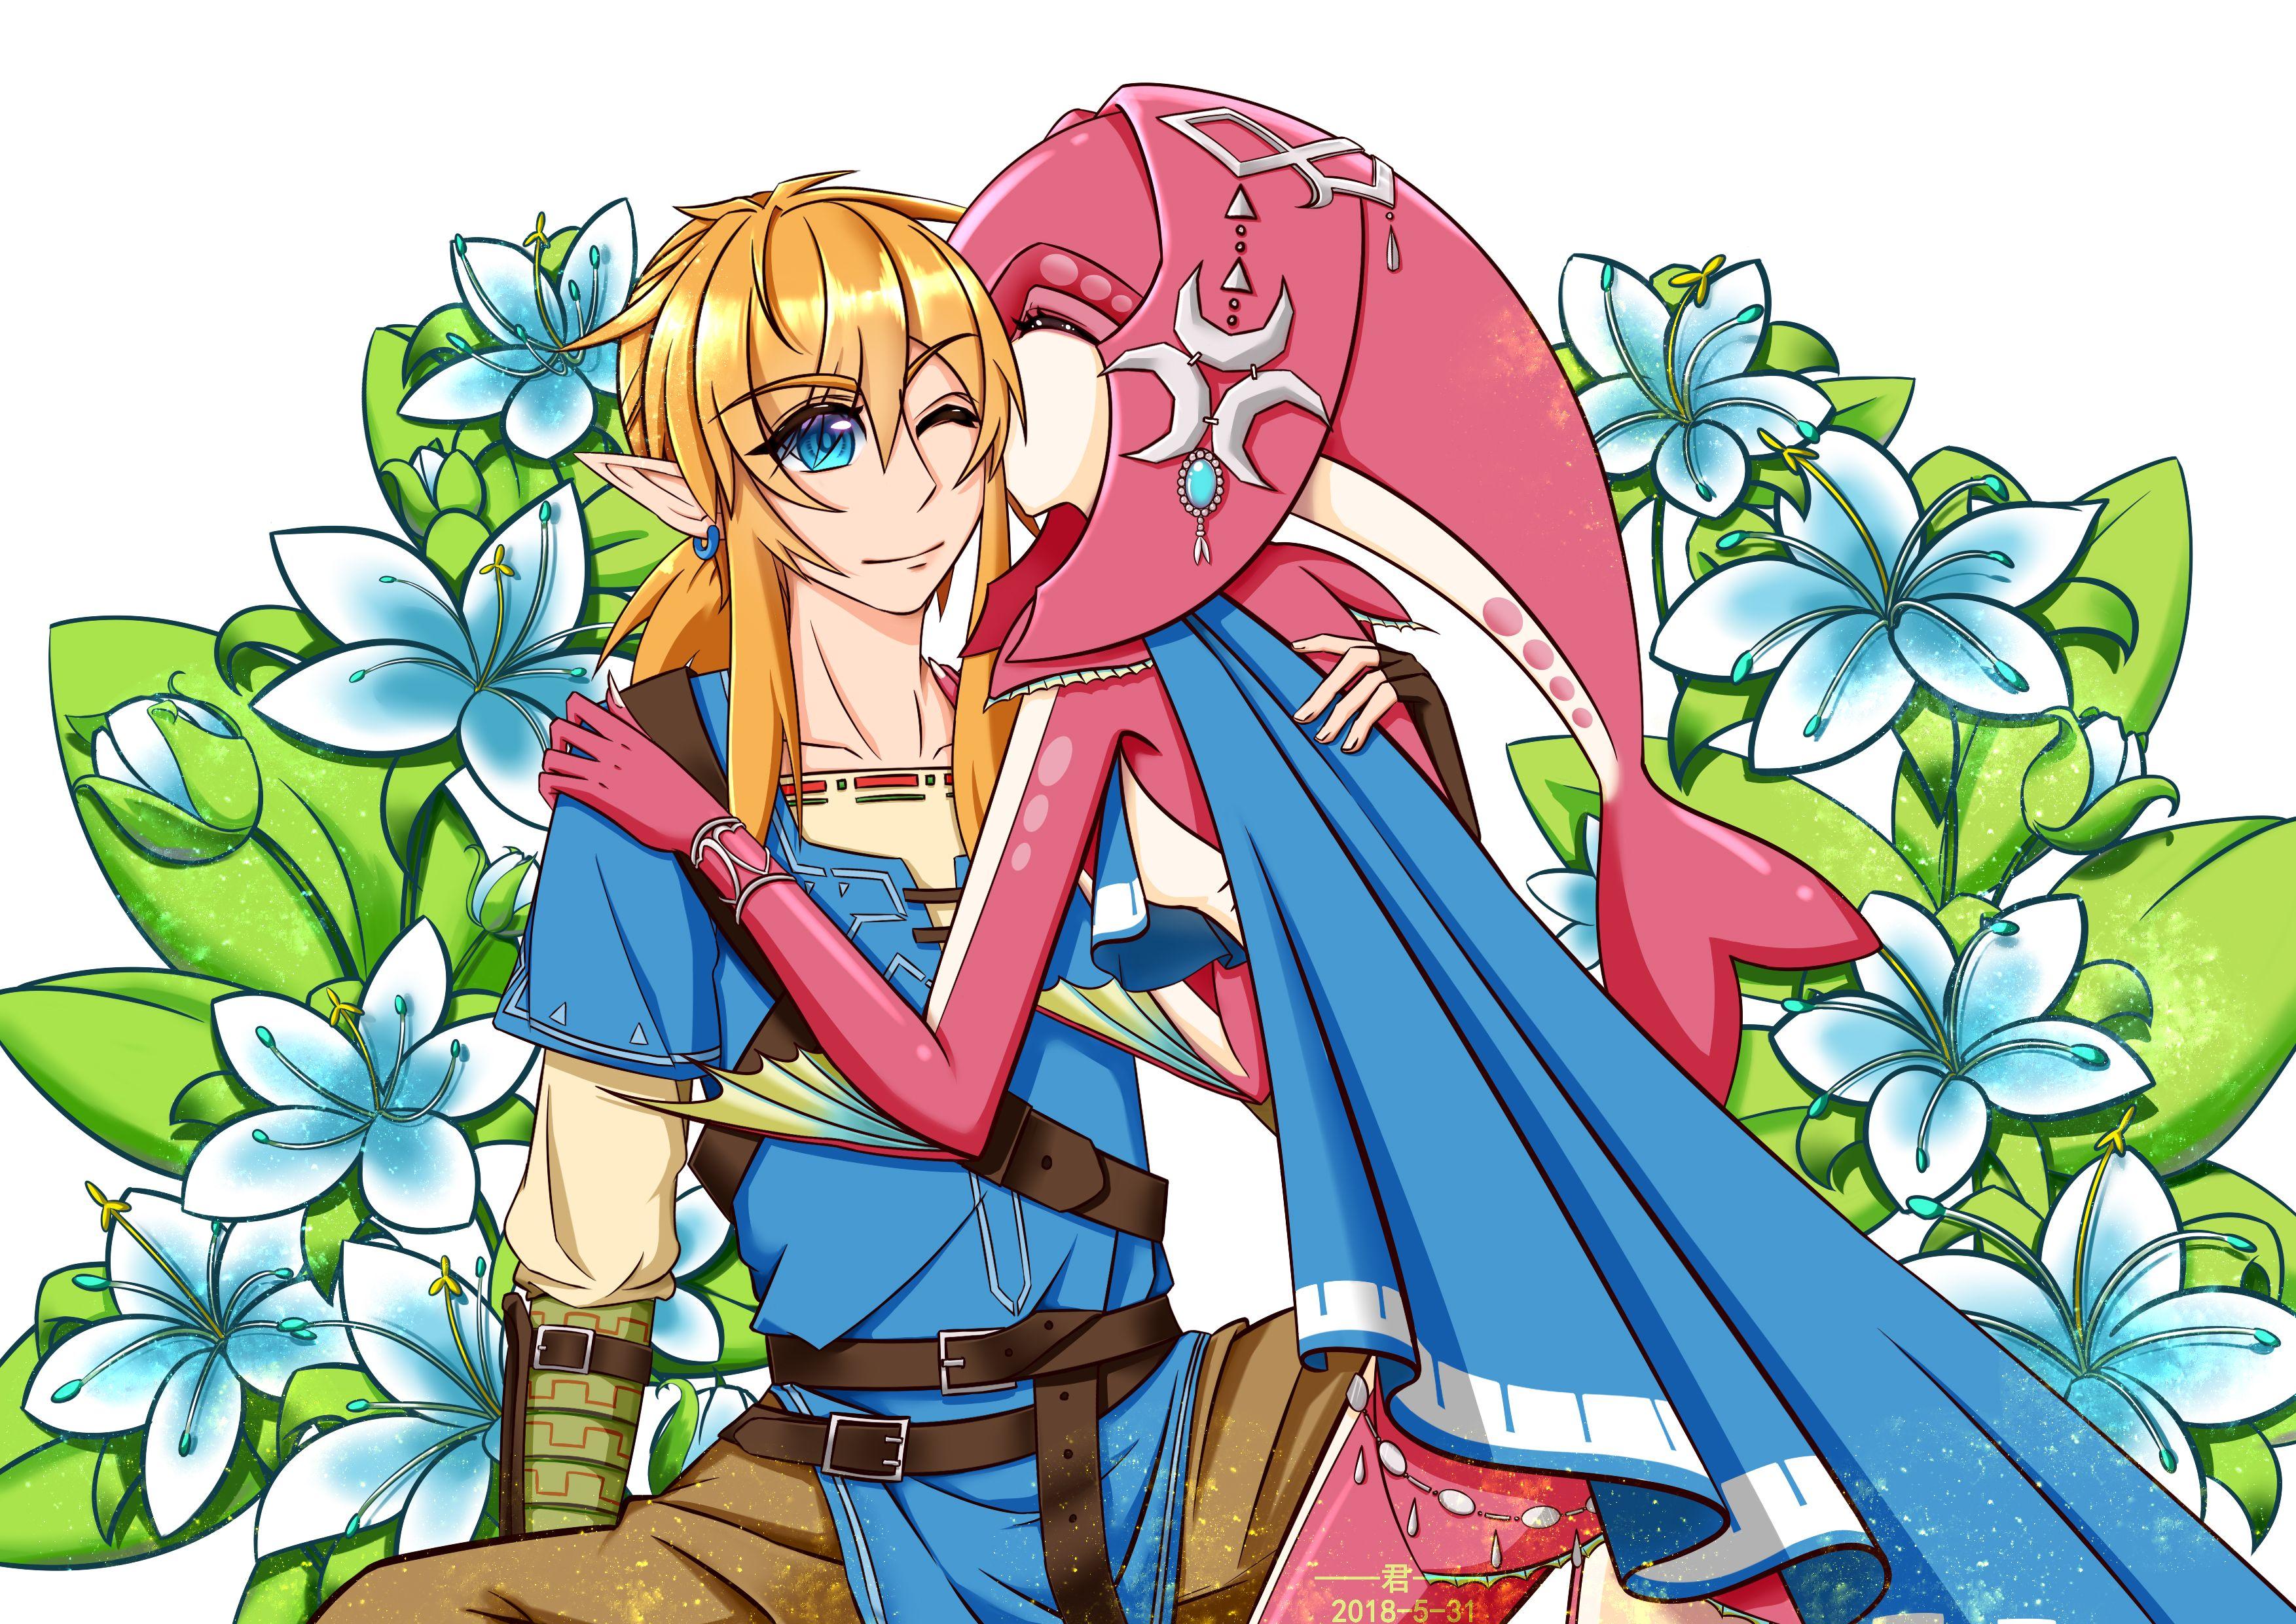 Pin by Xuânˆˆ on Link vs Mipha ( ´ ⌣`ʃƪ) Legend of zelda